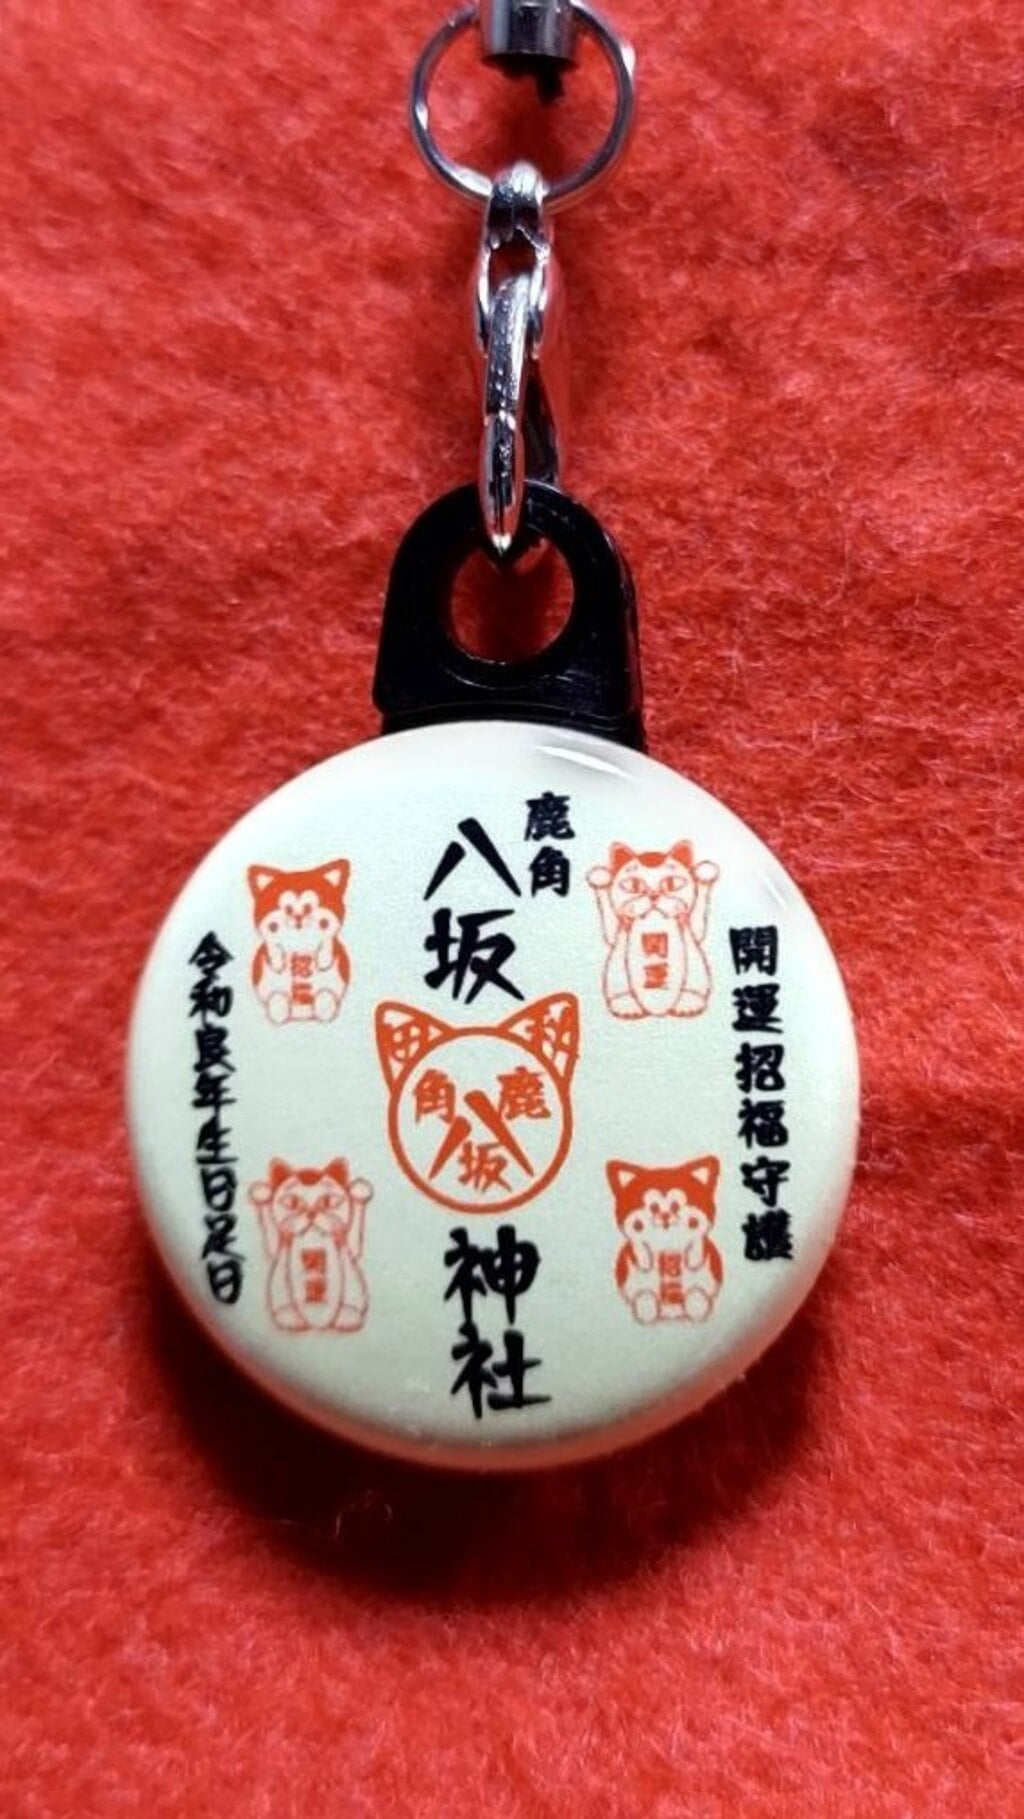 鹿角八坂神社のお守り